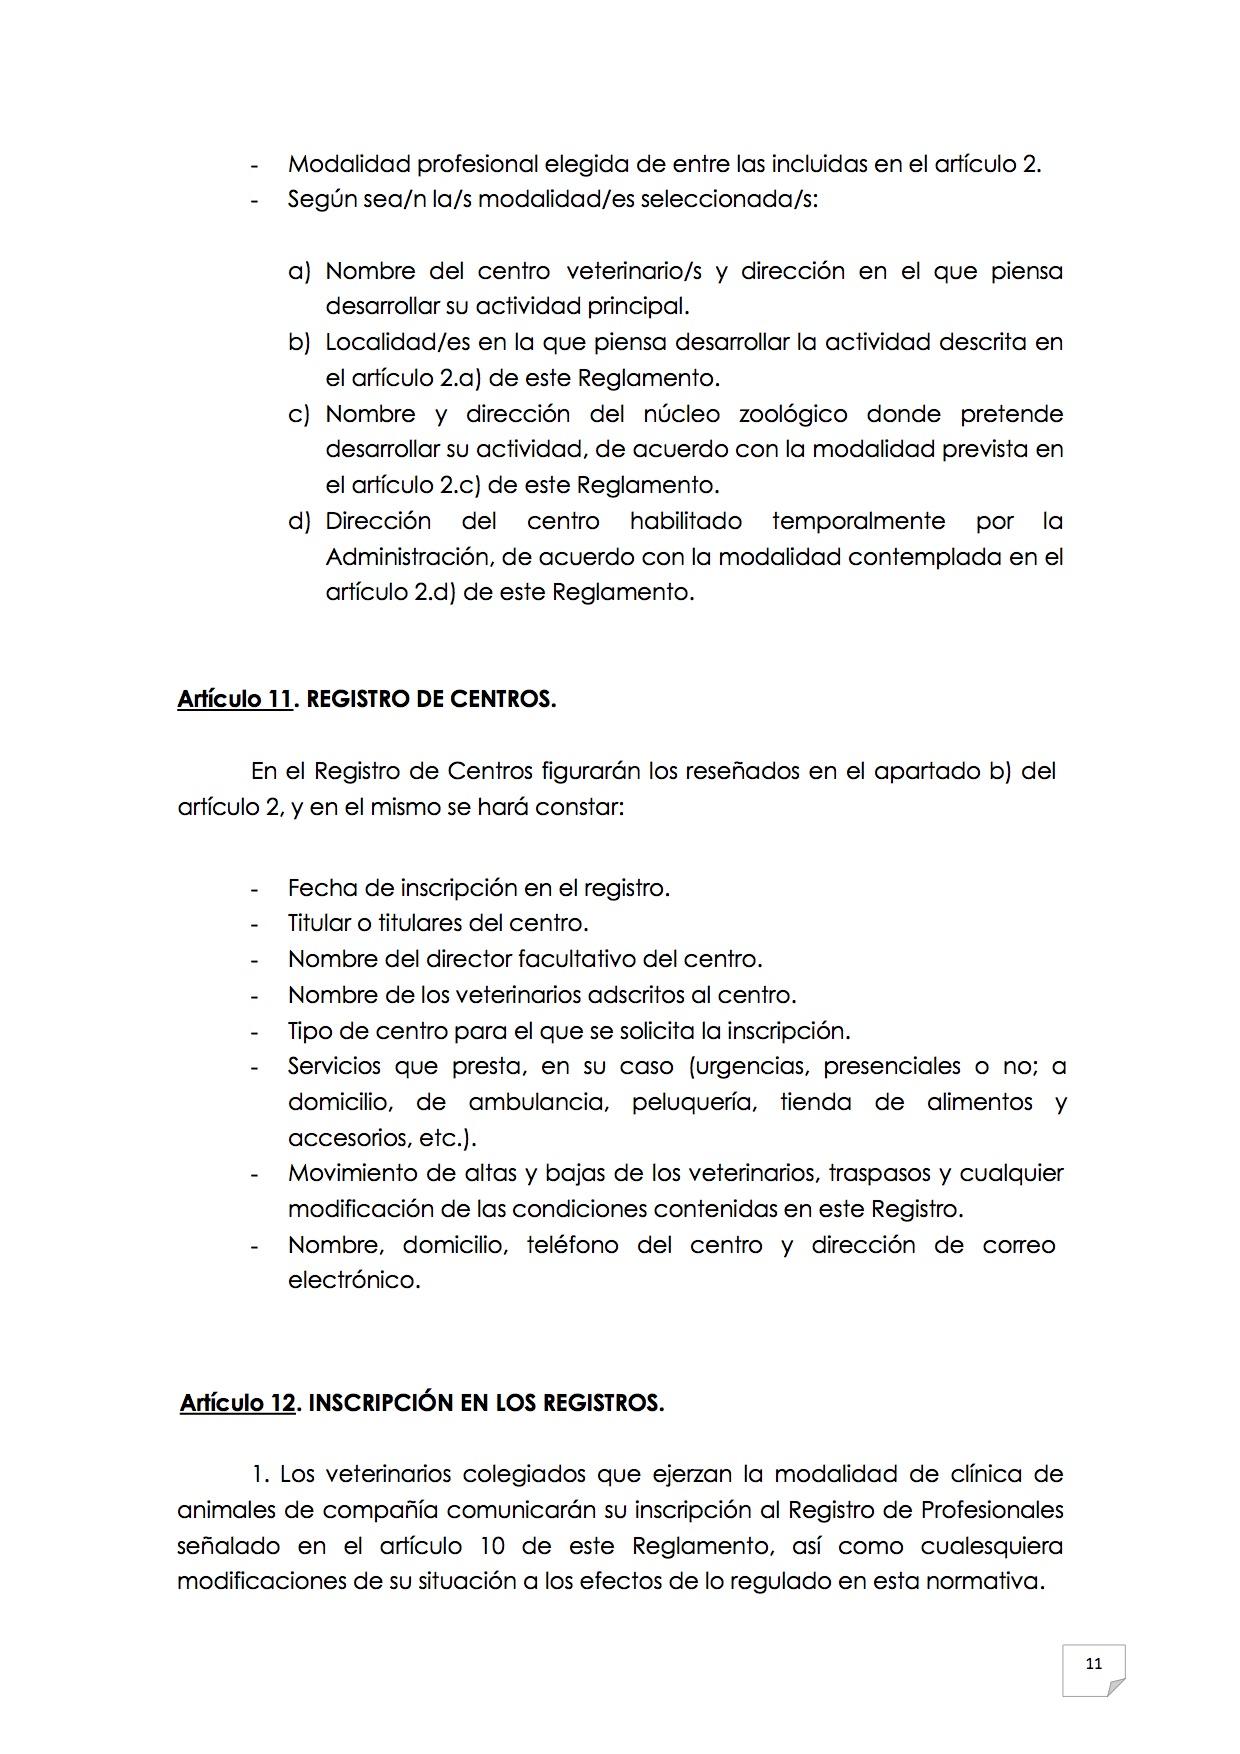 2015_07_11 12REGLAMENTO PARA EL EJERCICIO PROFESIONAL EN CLÍNICA DE ANIMALES DE COMPAÑÍA